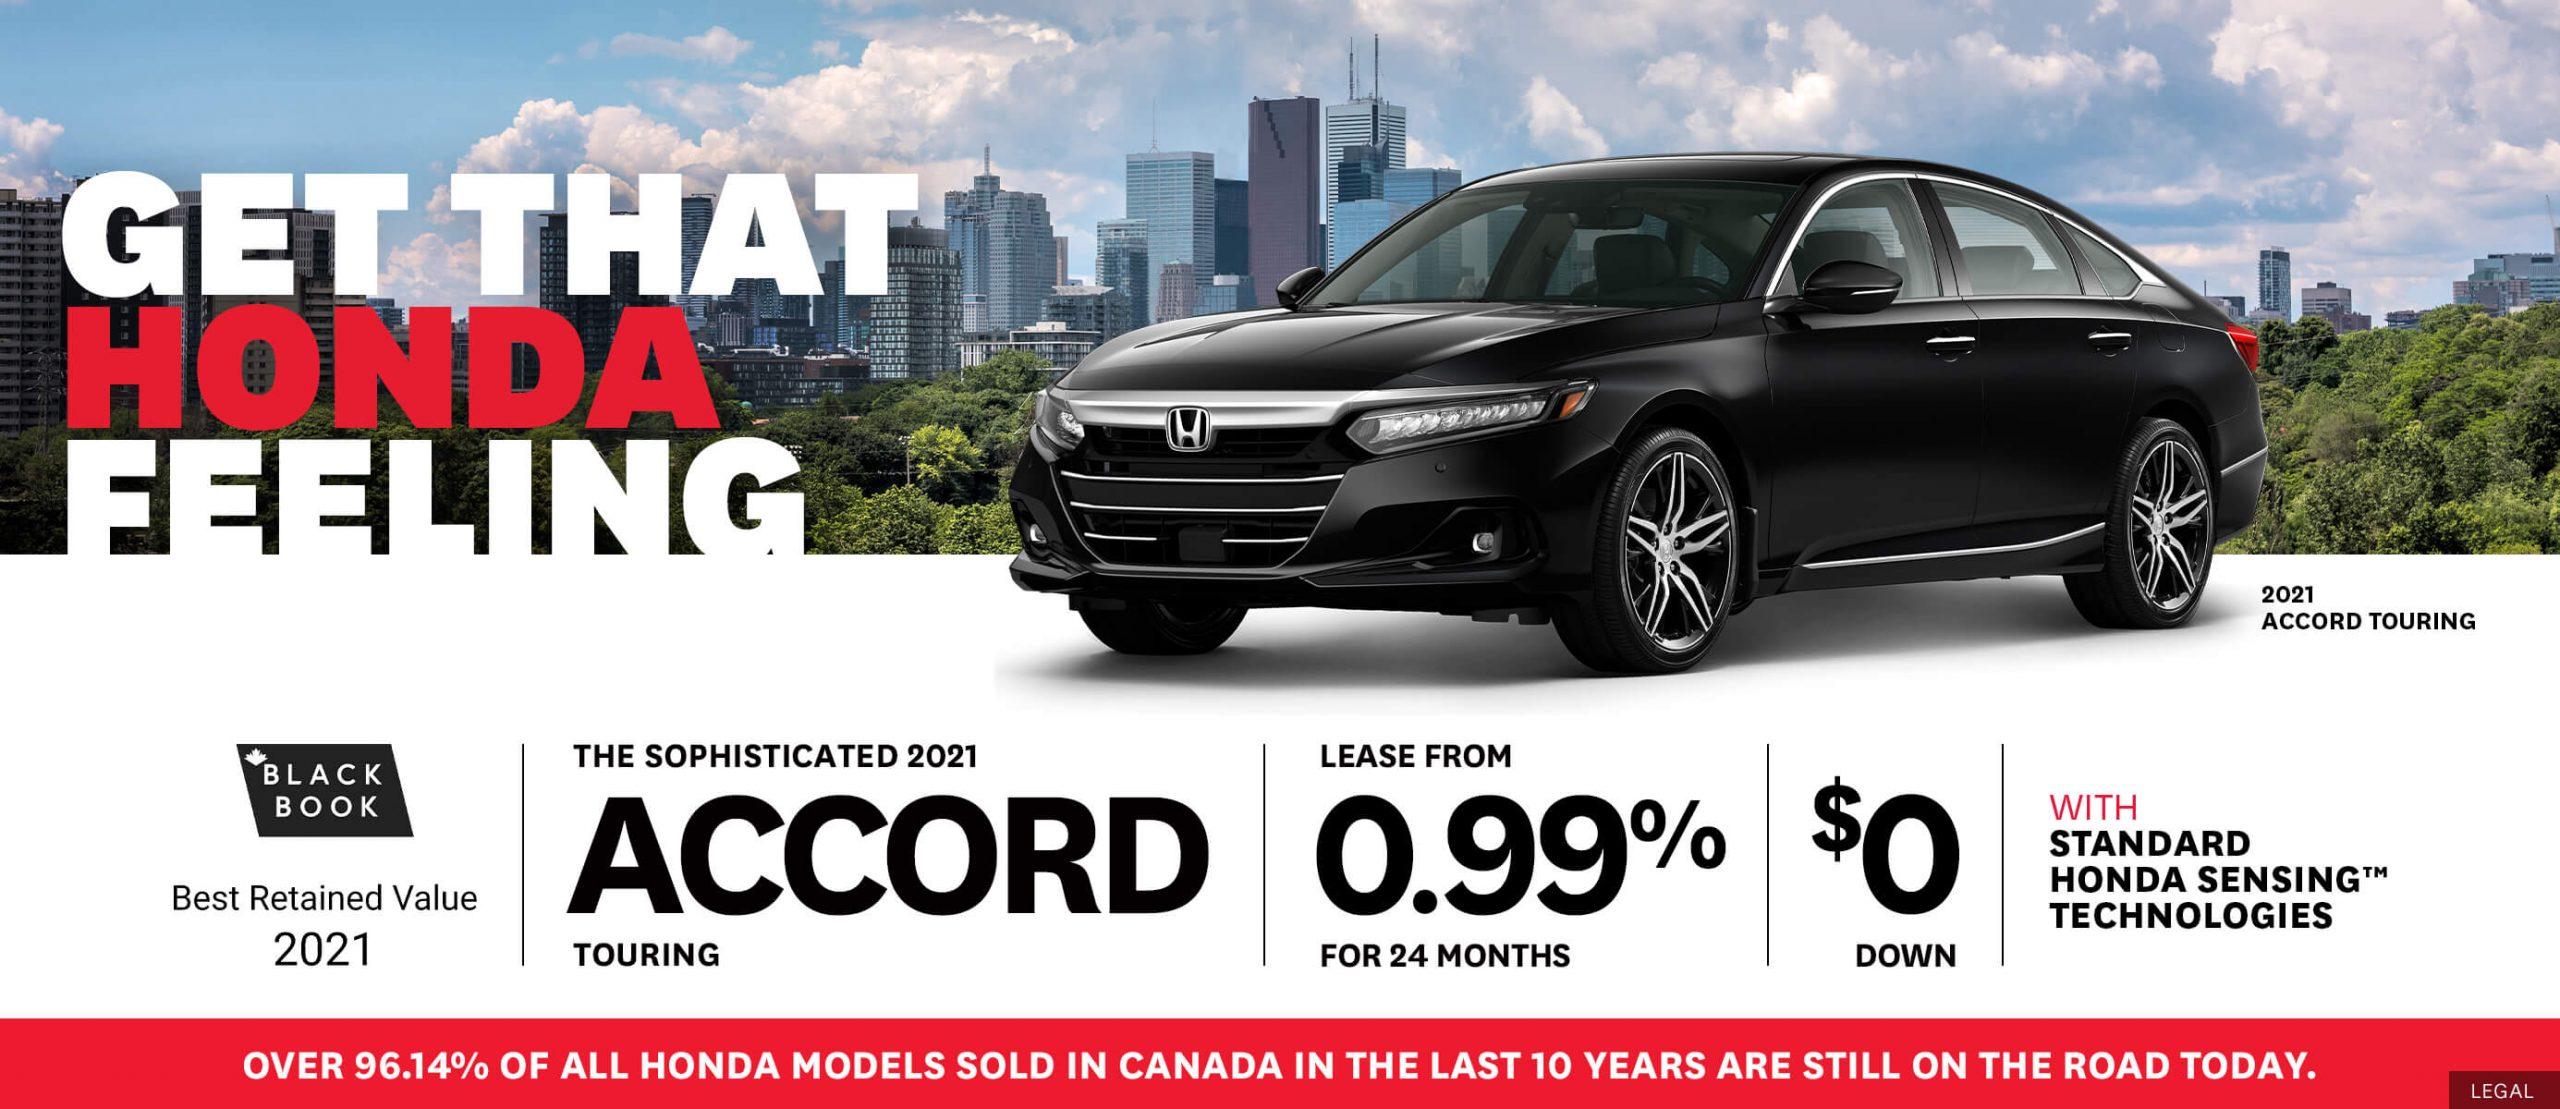 Honda Accord Deals!